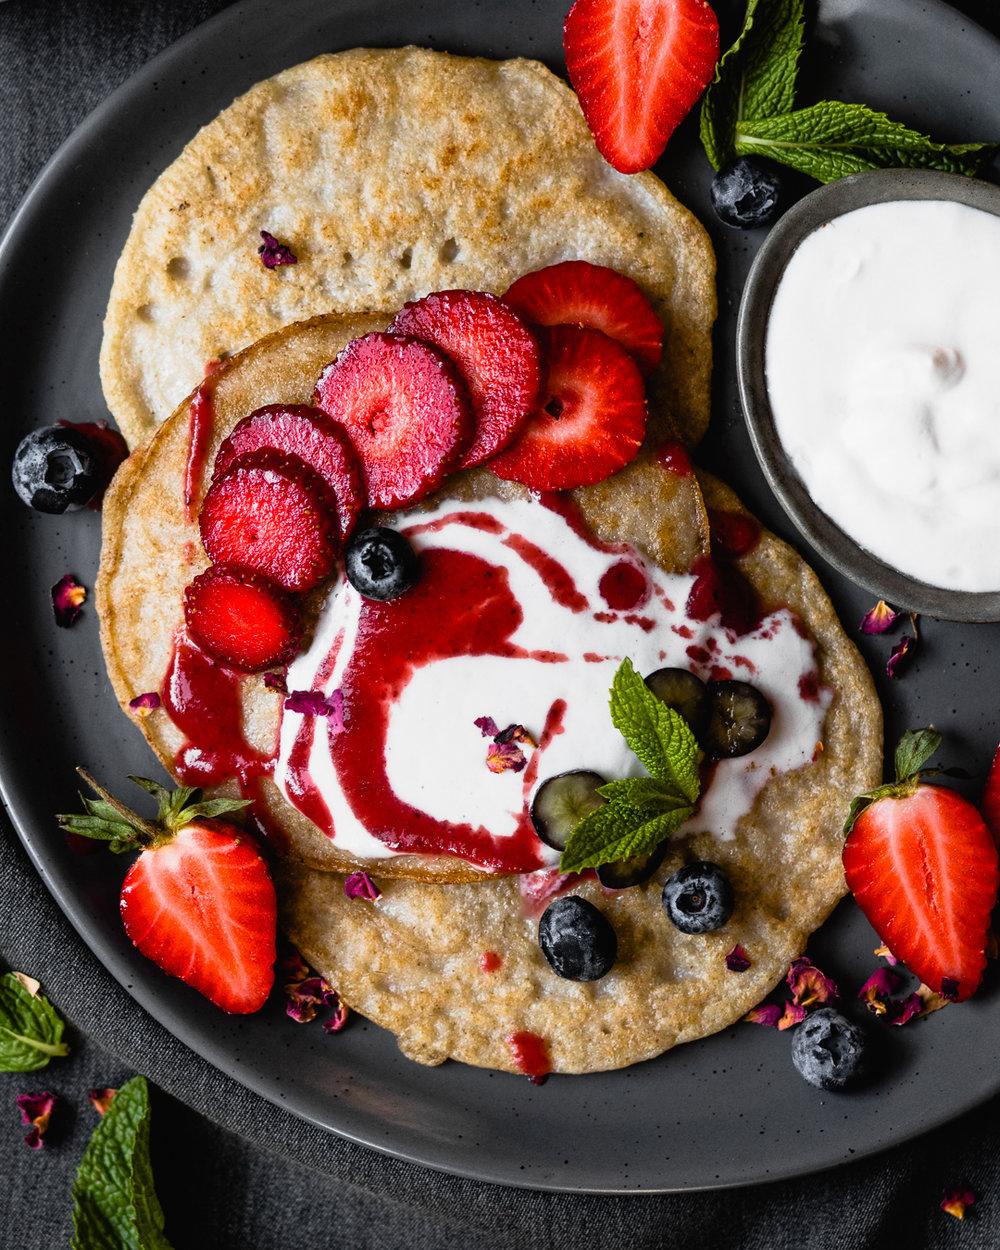 3_Ingredient_EGG-FREE_(Fermented)_Pancakes_by_Jordan_Pie_Nutritionist_Photographer-1.jpg